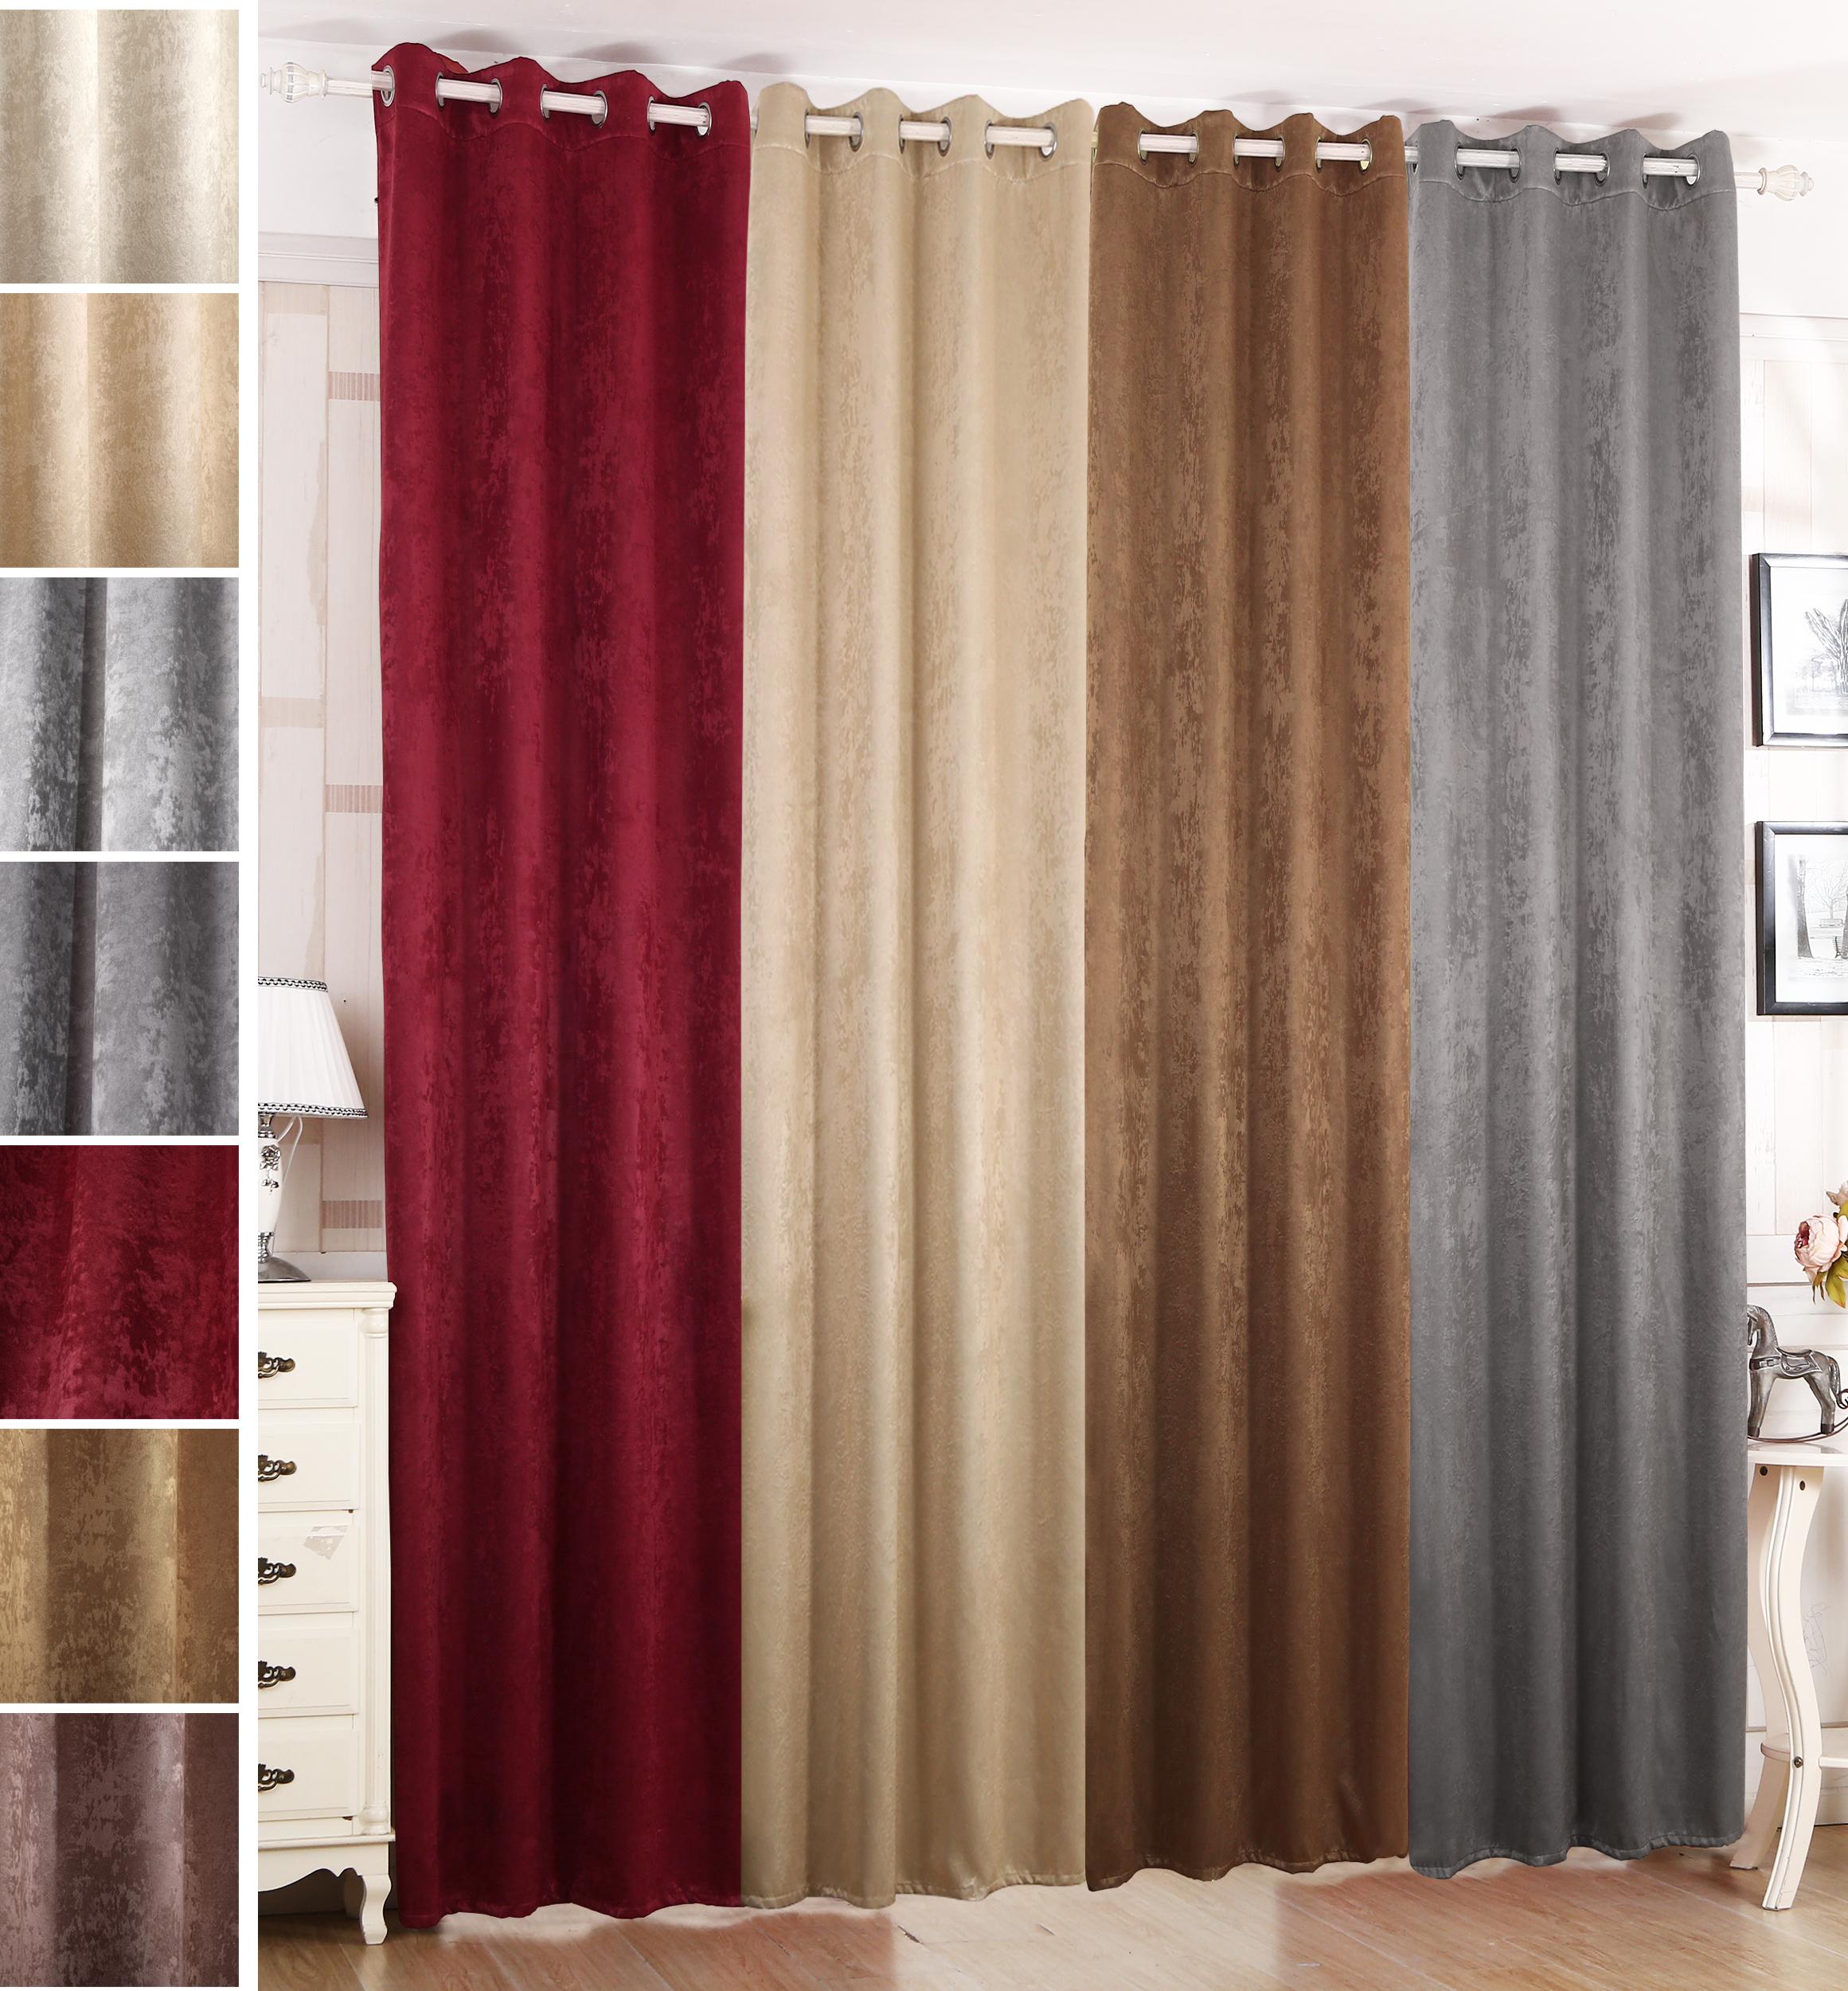 blickdichte gardinen blickdichte gardinen kr uselband gardinen dekoration verbessern ihr. Black Bedroom Furniture Sets. Home Design Ideas